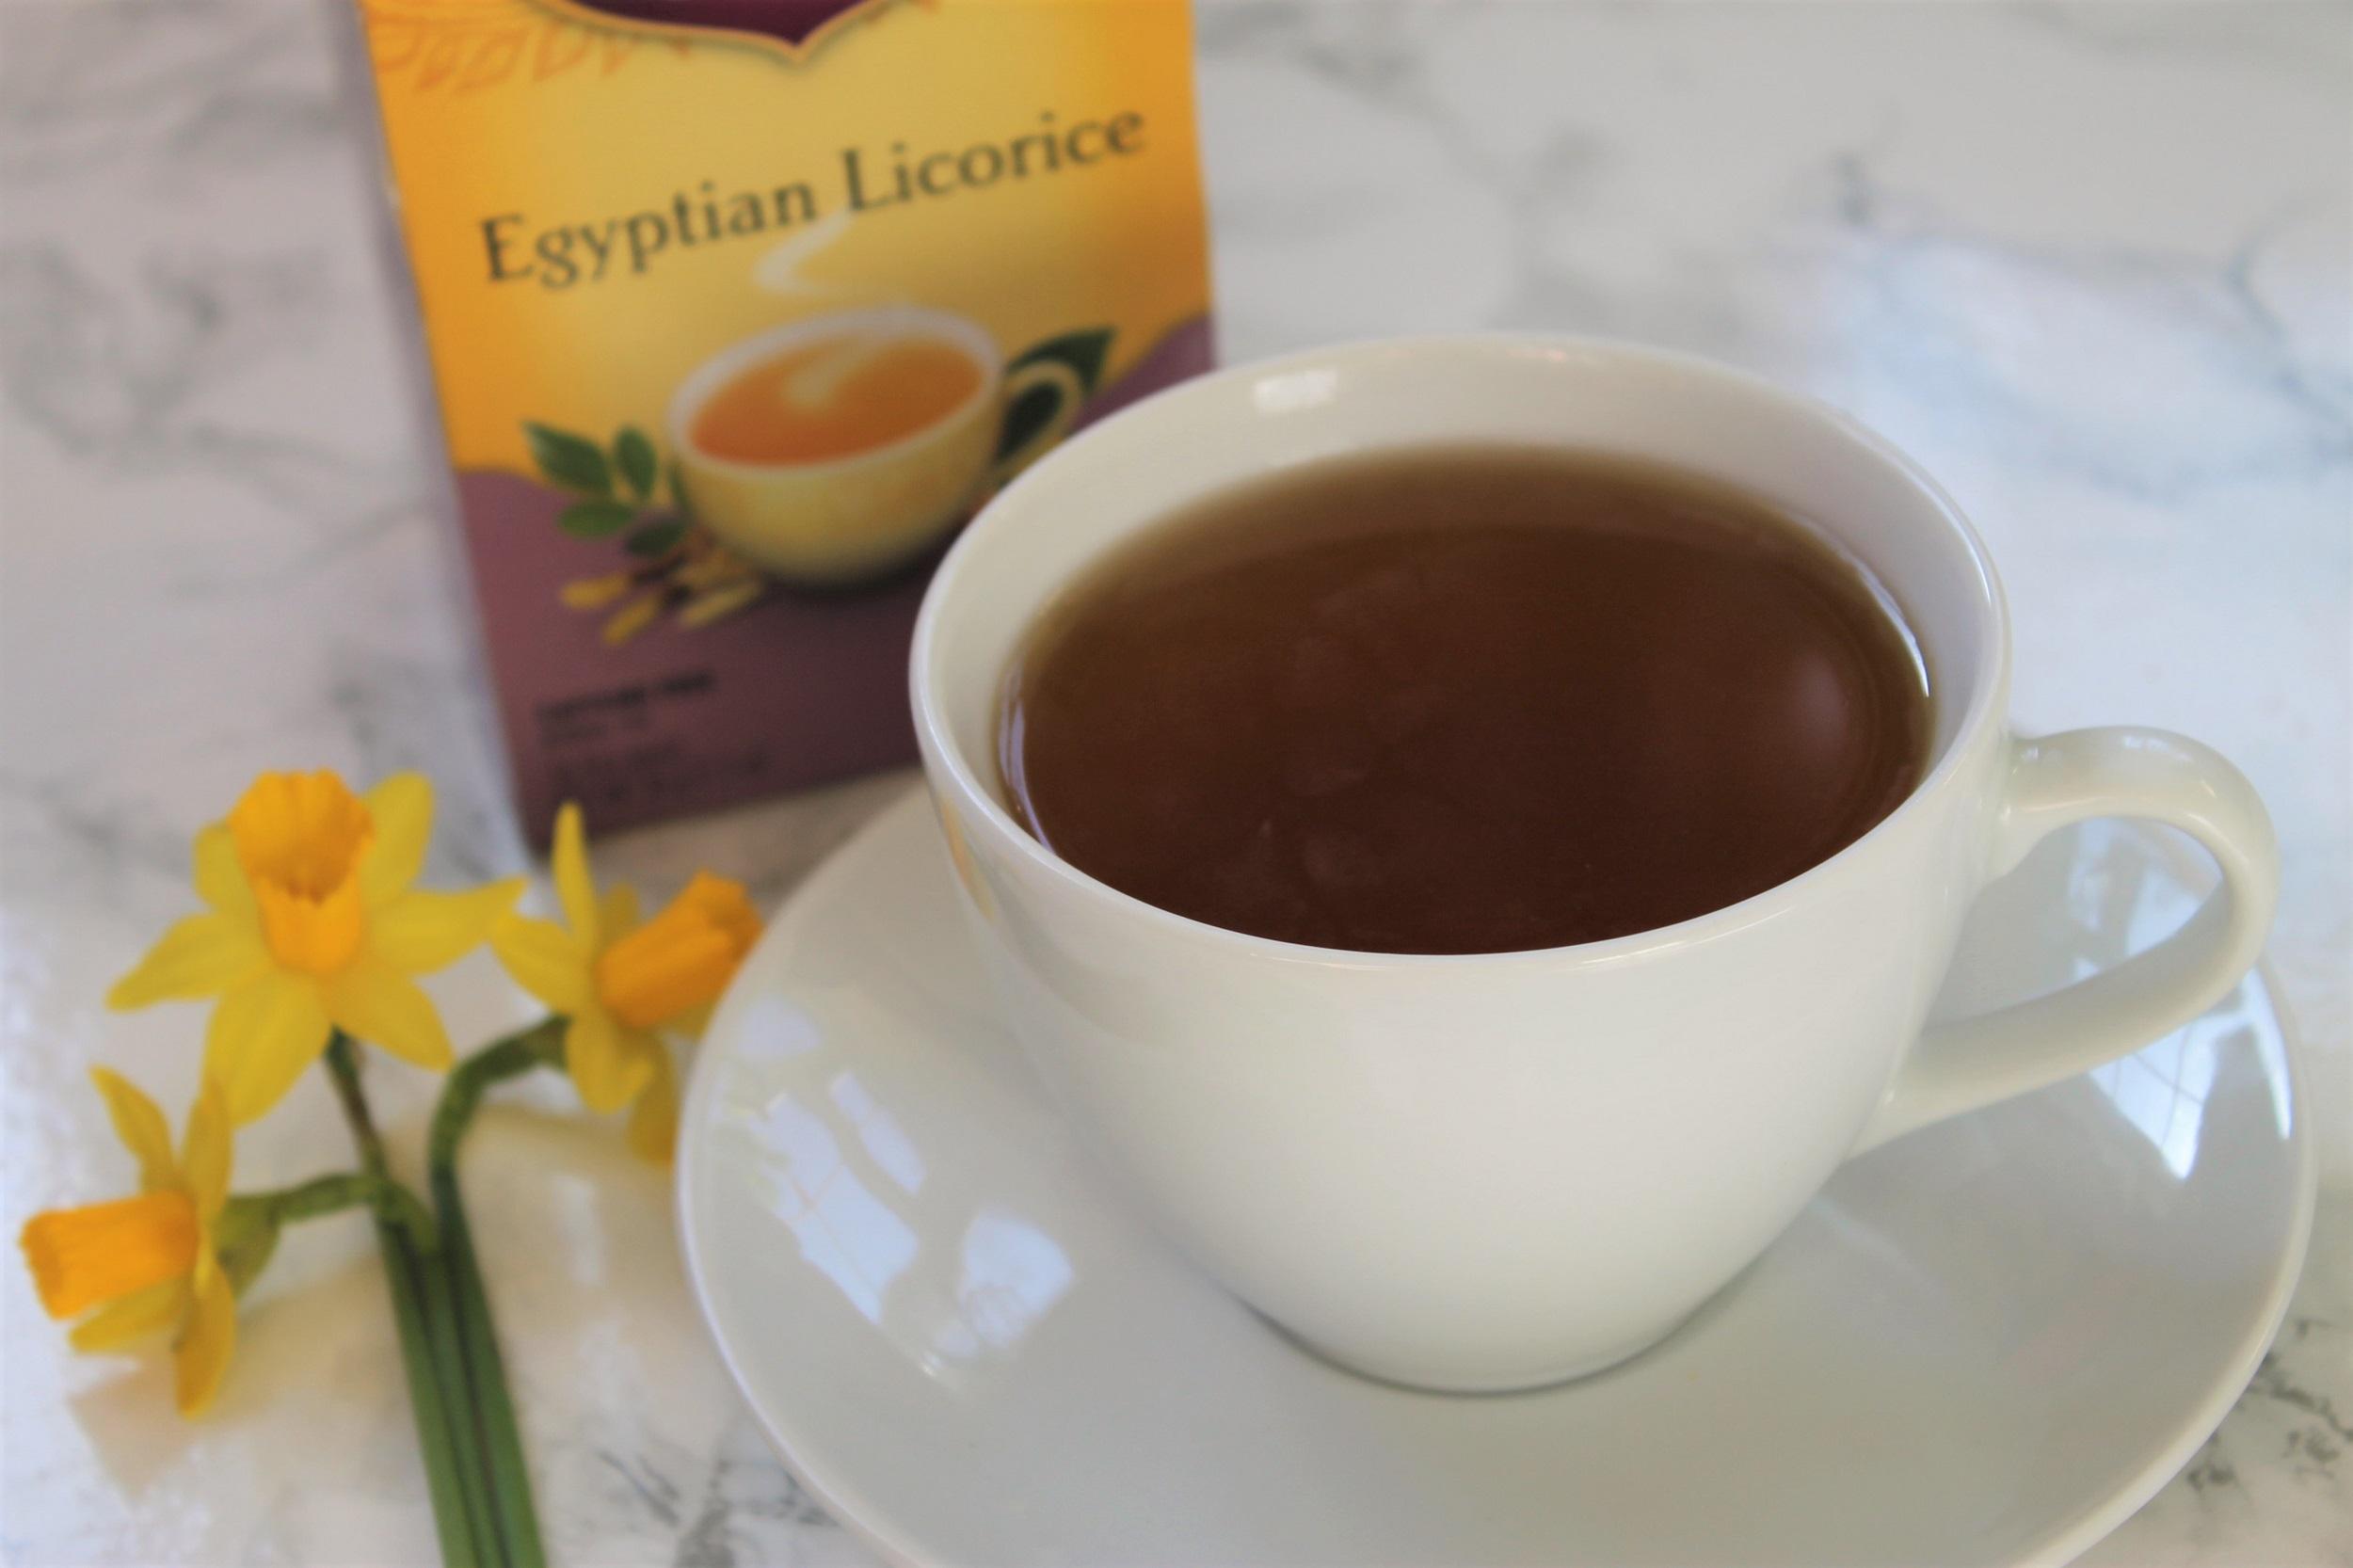 yogi tea egyptian licorice in white teacup